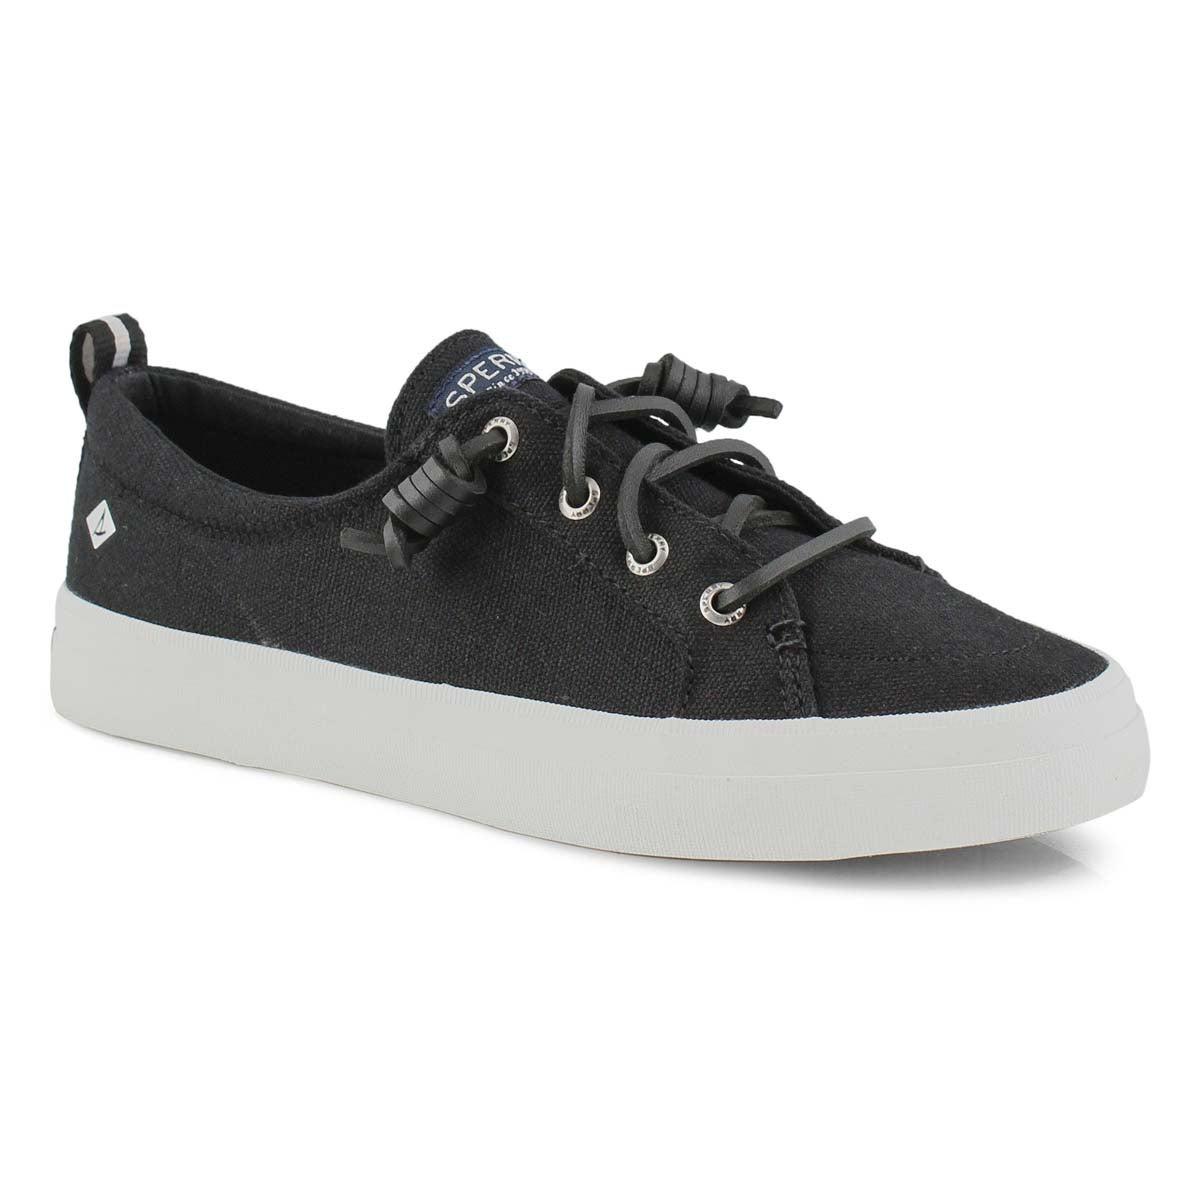 Lds Crest Vibe Linen blk fashion sneaker